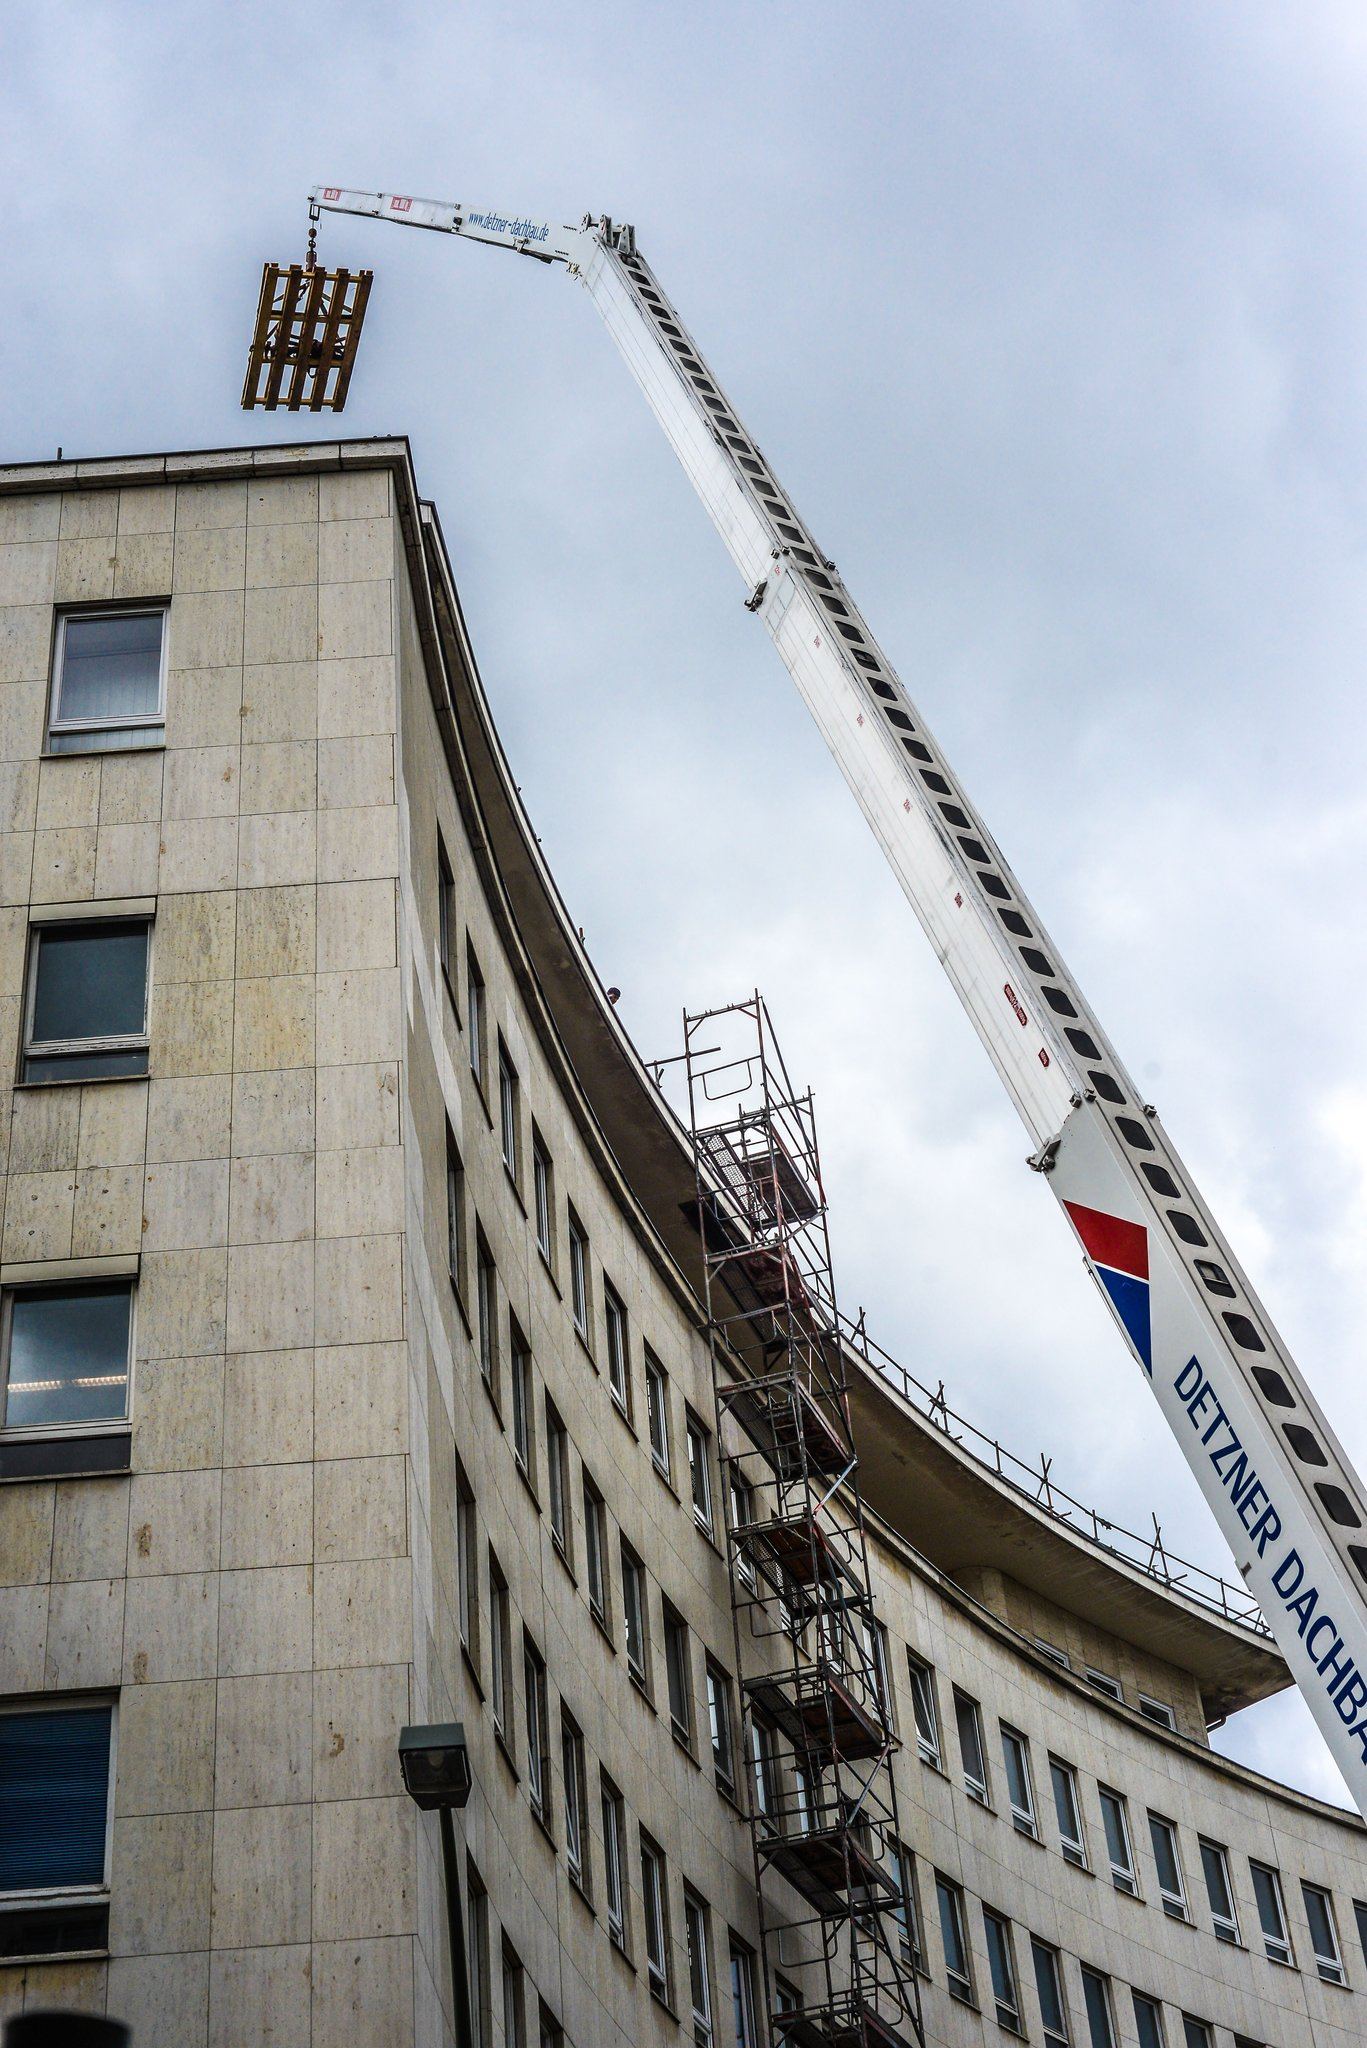 Gift im geb ude bezirk muss b rgeramt am hohenzollerndamm sanieren wilmersdorf - Kastenfenster sanieren berlin ...